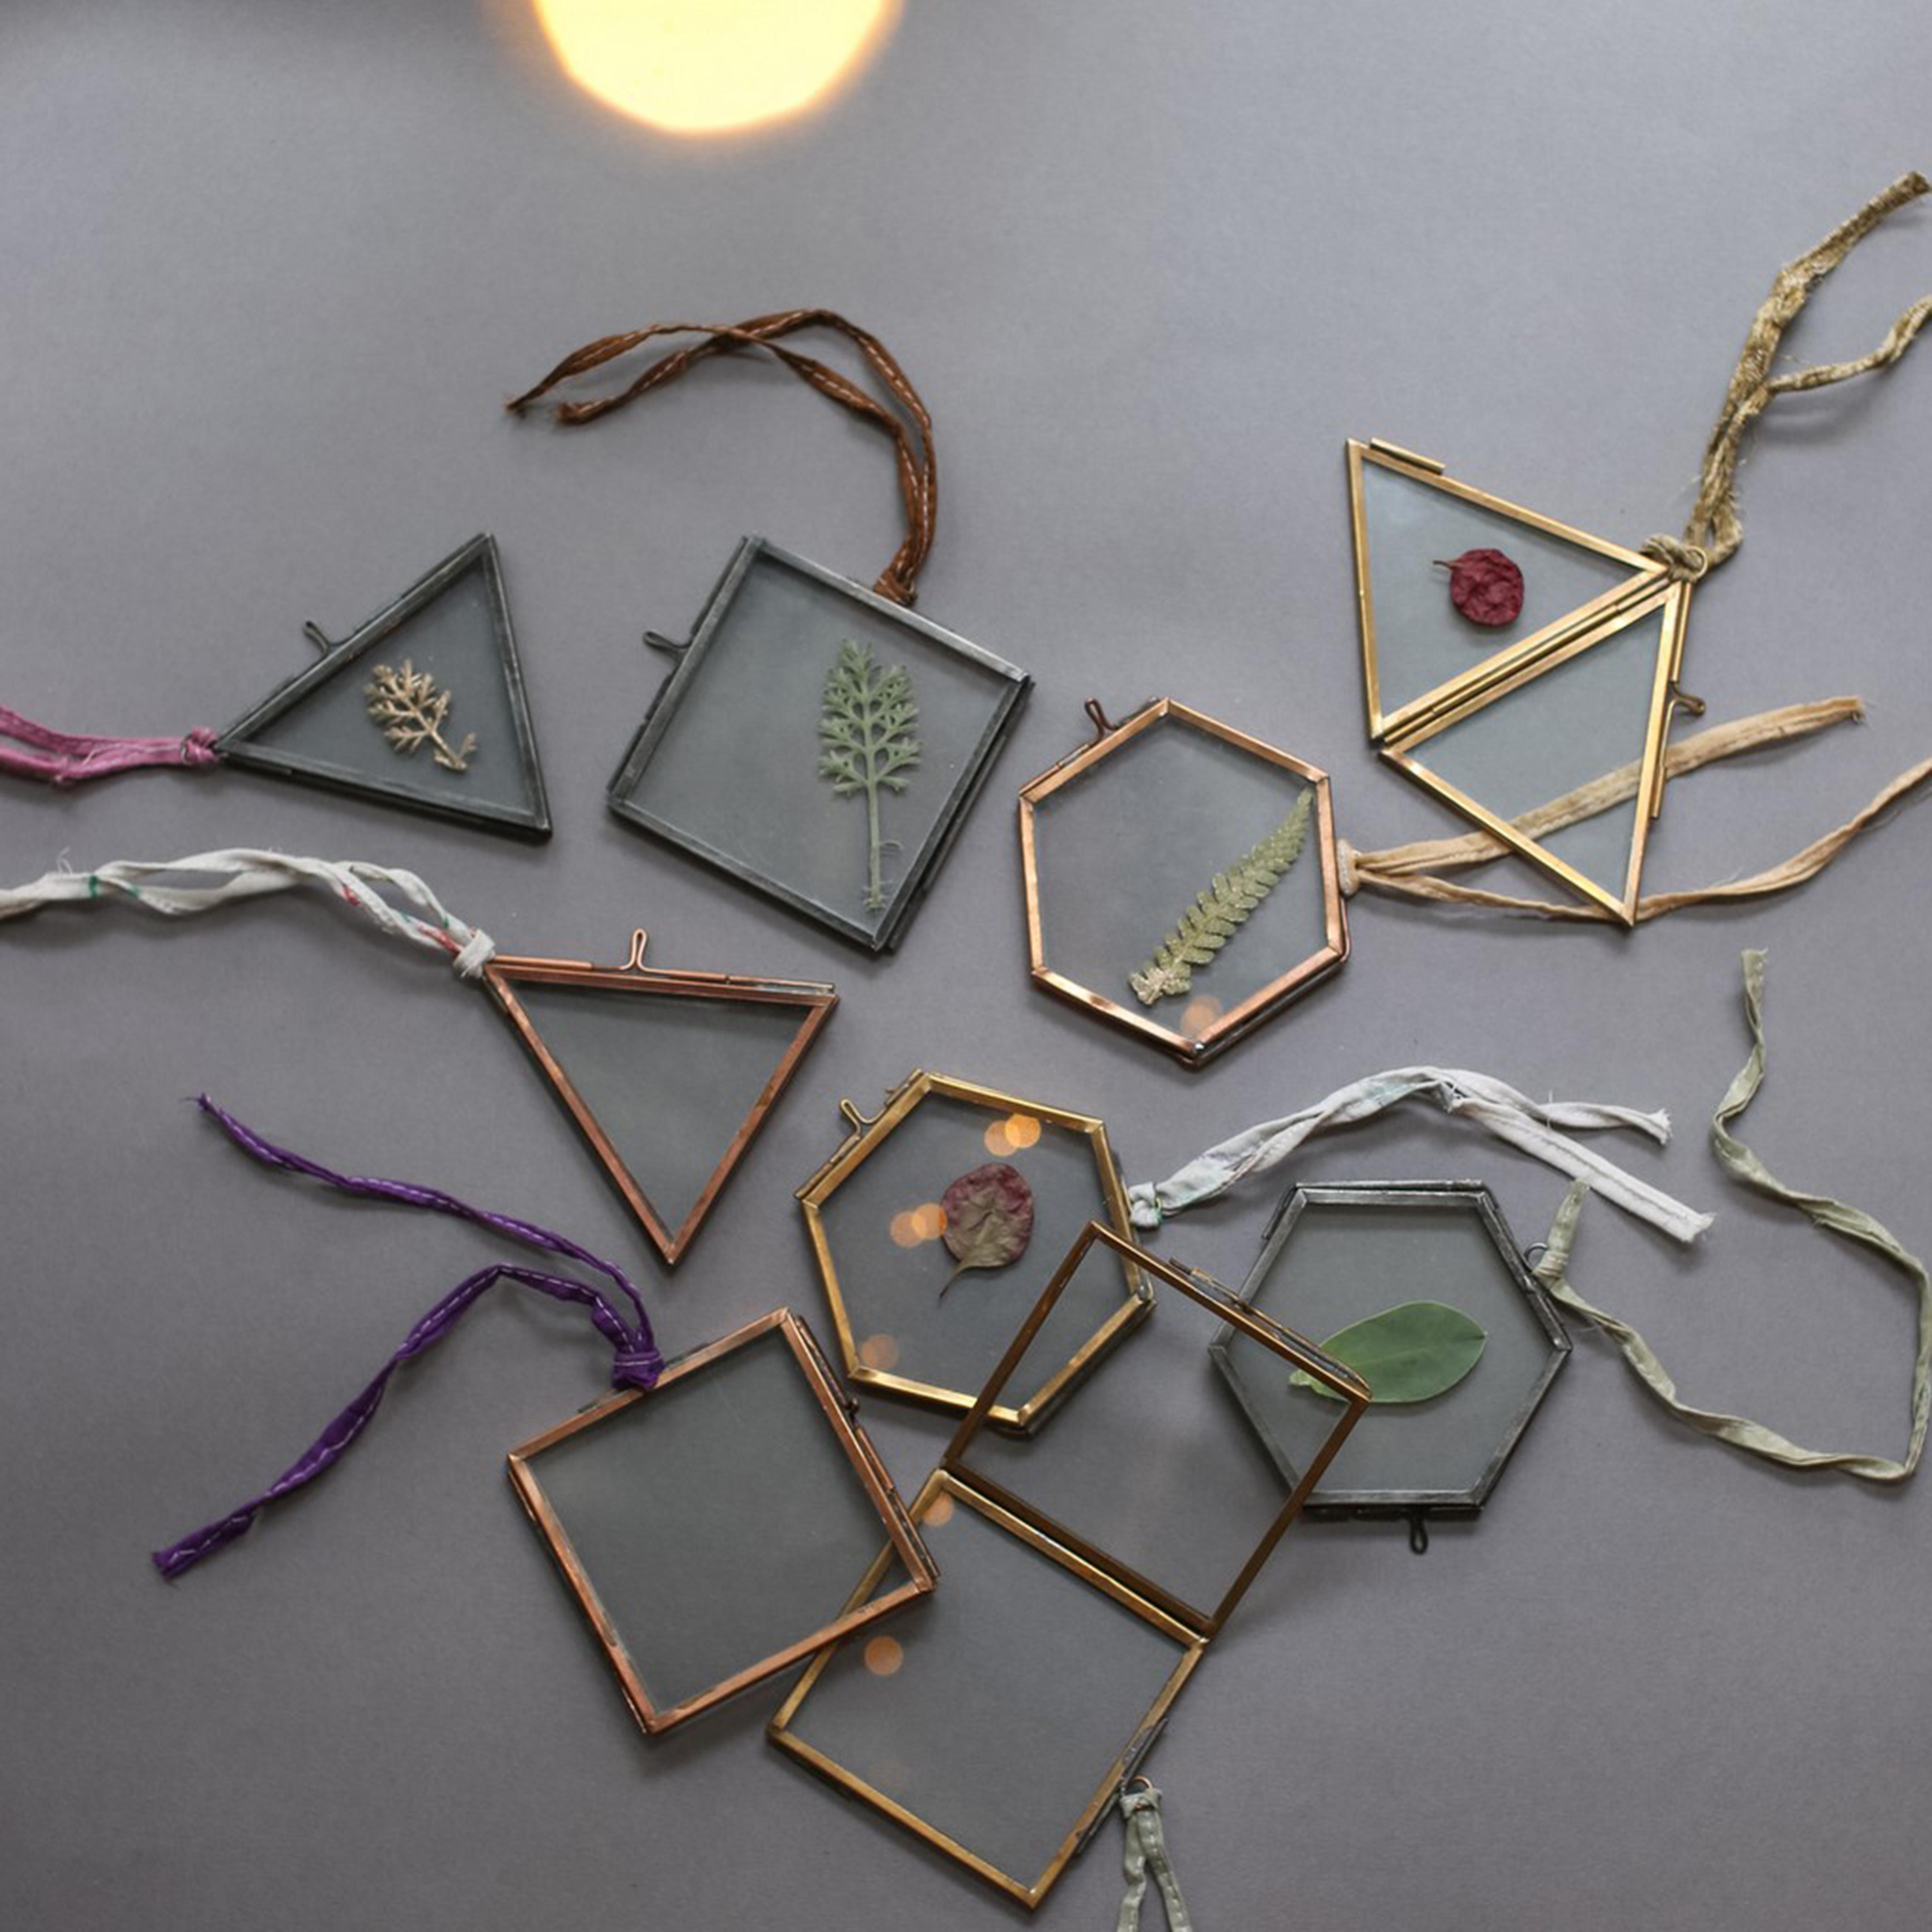 Kiko frames, set of 3